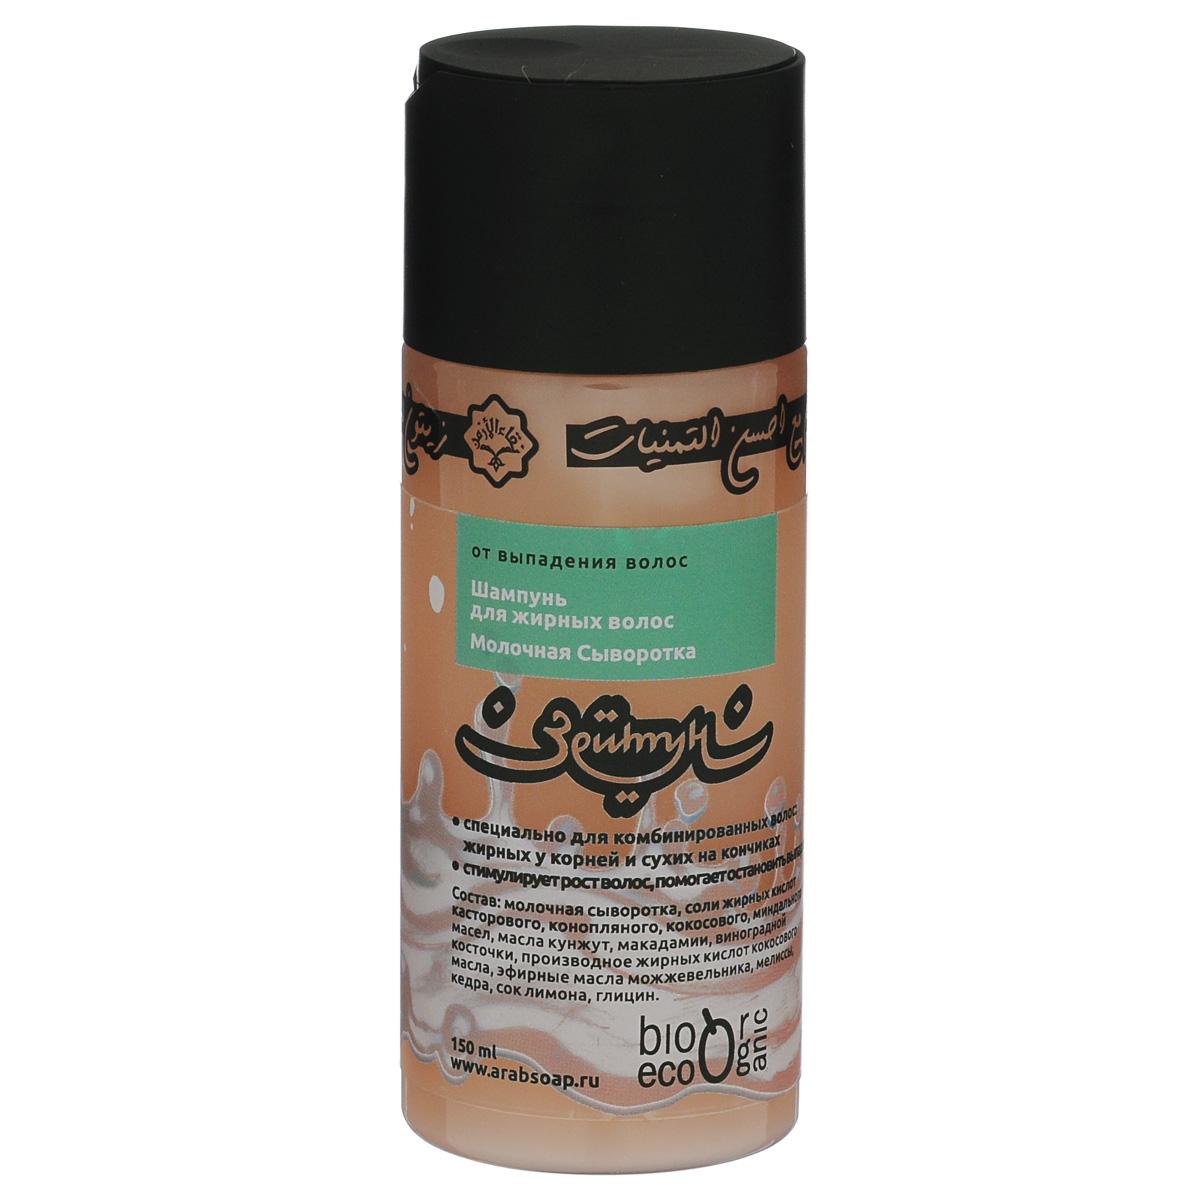 Зейтун Шампунь Молочная сыворотка для жирных волос, от выпадения, 150 мл